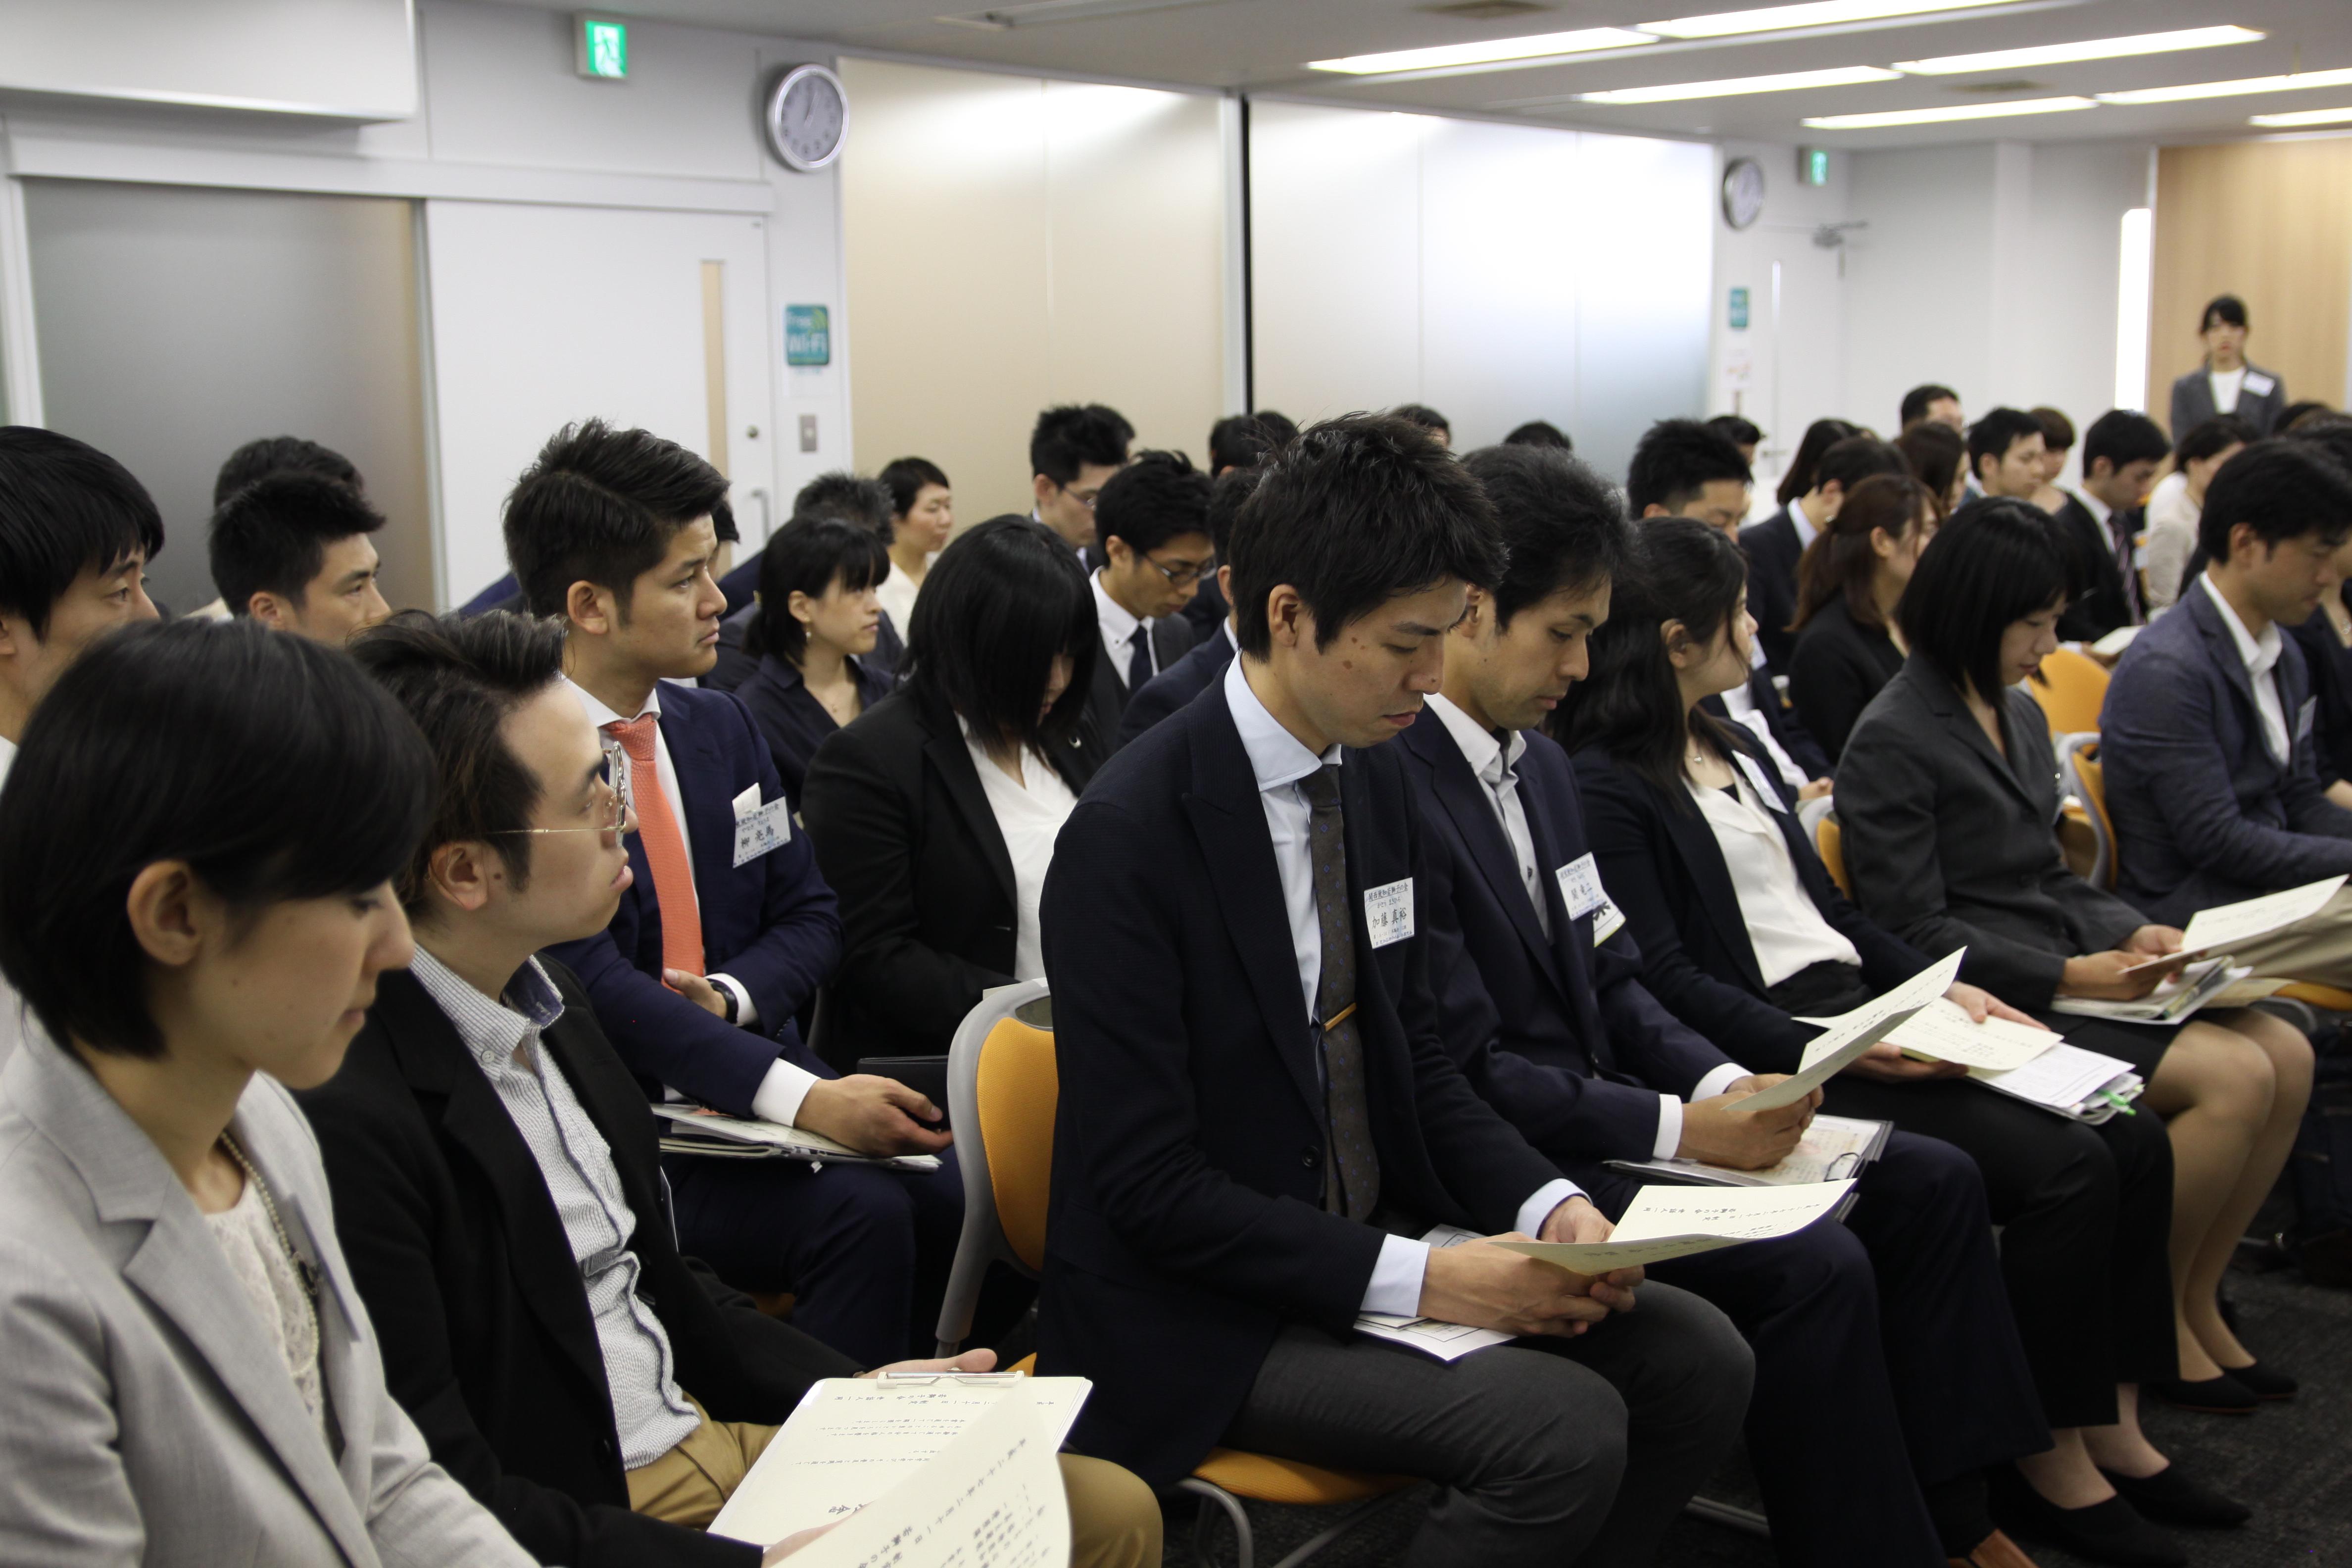 IMG 4614 - 関東若獅子の会、記念すべき第100回